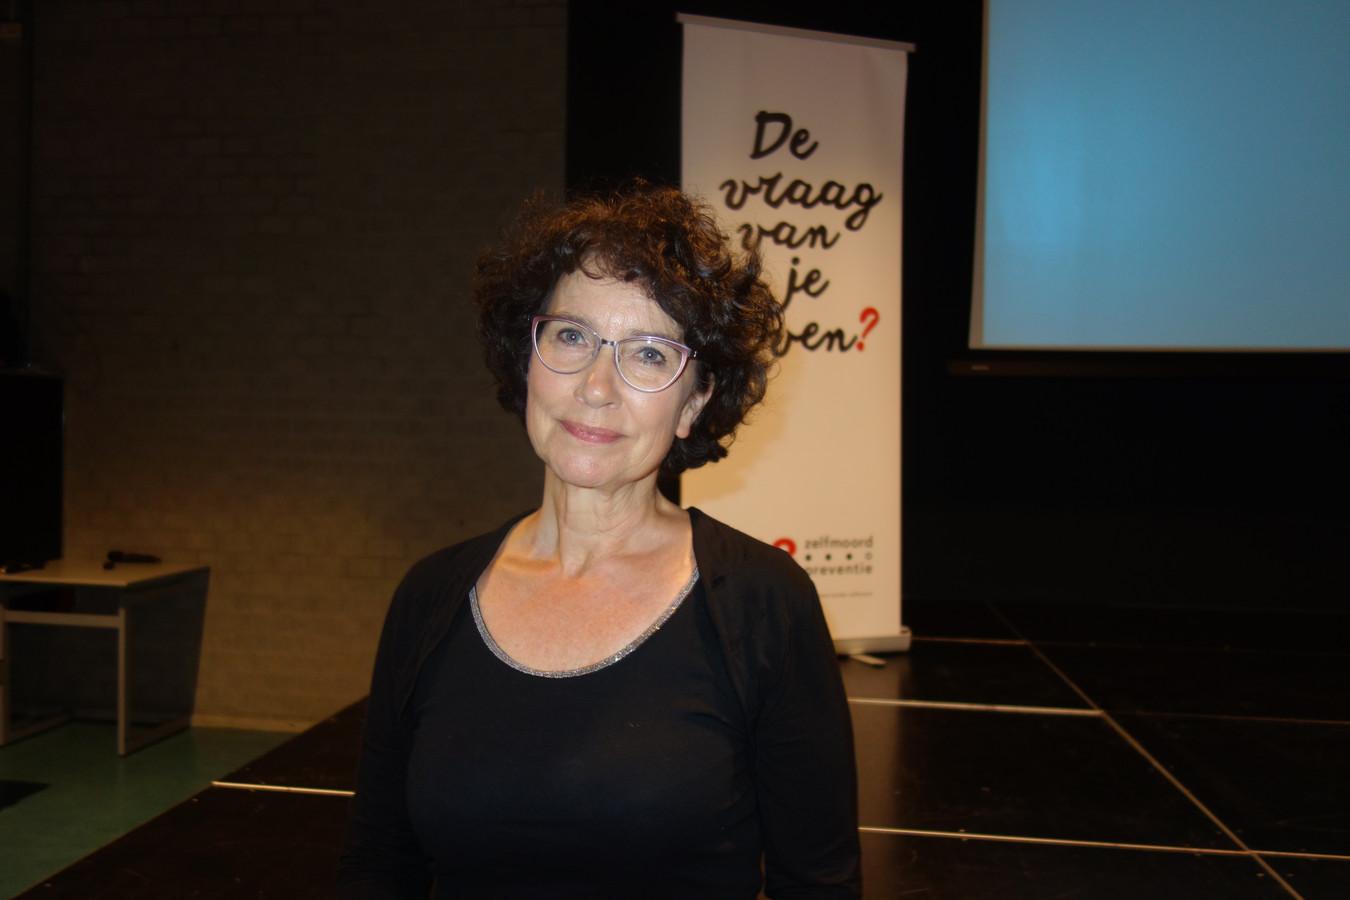 Tijdens de infoavond over zelfdoding in Someren vertelde Karen Keukelaar hoe je iemand kunt helpen die suïcidale gedachtes heeft.